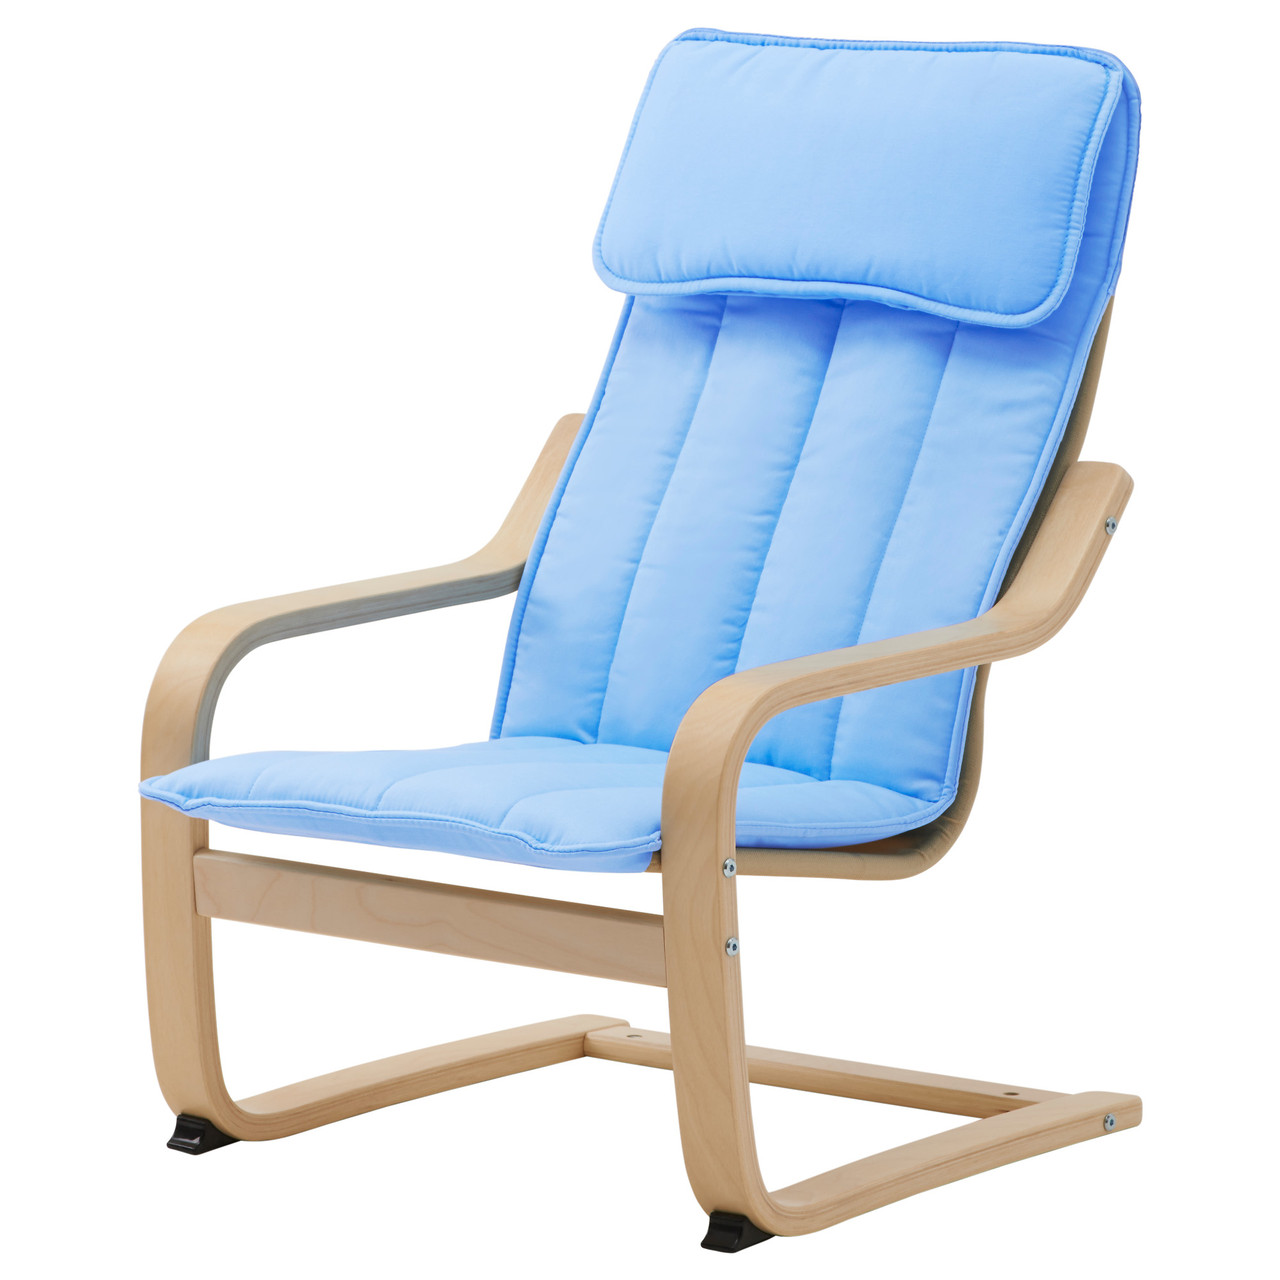 ПОЭНГ  Кресло детское - березовый шпон/Алмос, голубой 10299392 IKEA, ИКЕА, POÄNG